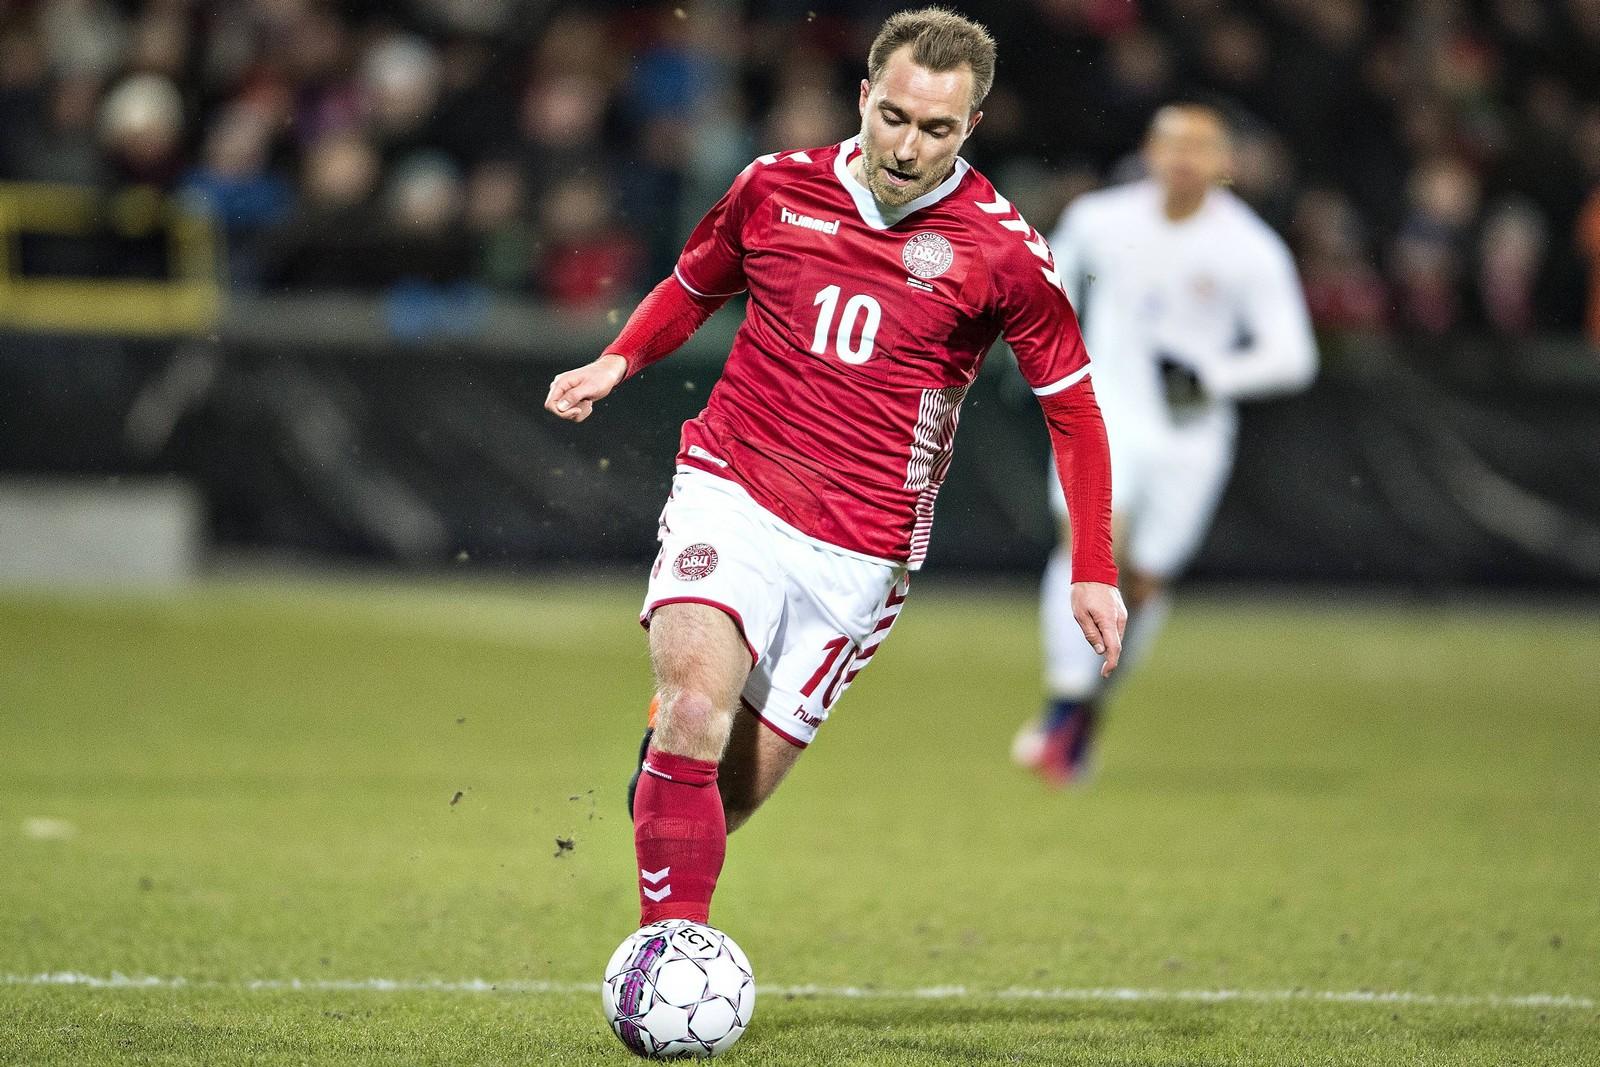 Kann Christian Eriksen mit Dänemark in Gruppe C bestehen? Jetzt auf Peru gegen Dänemark wetten!